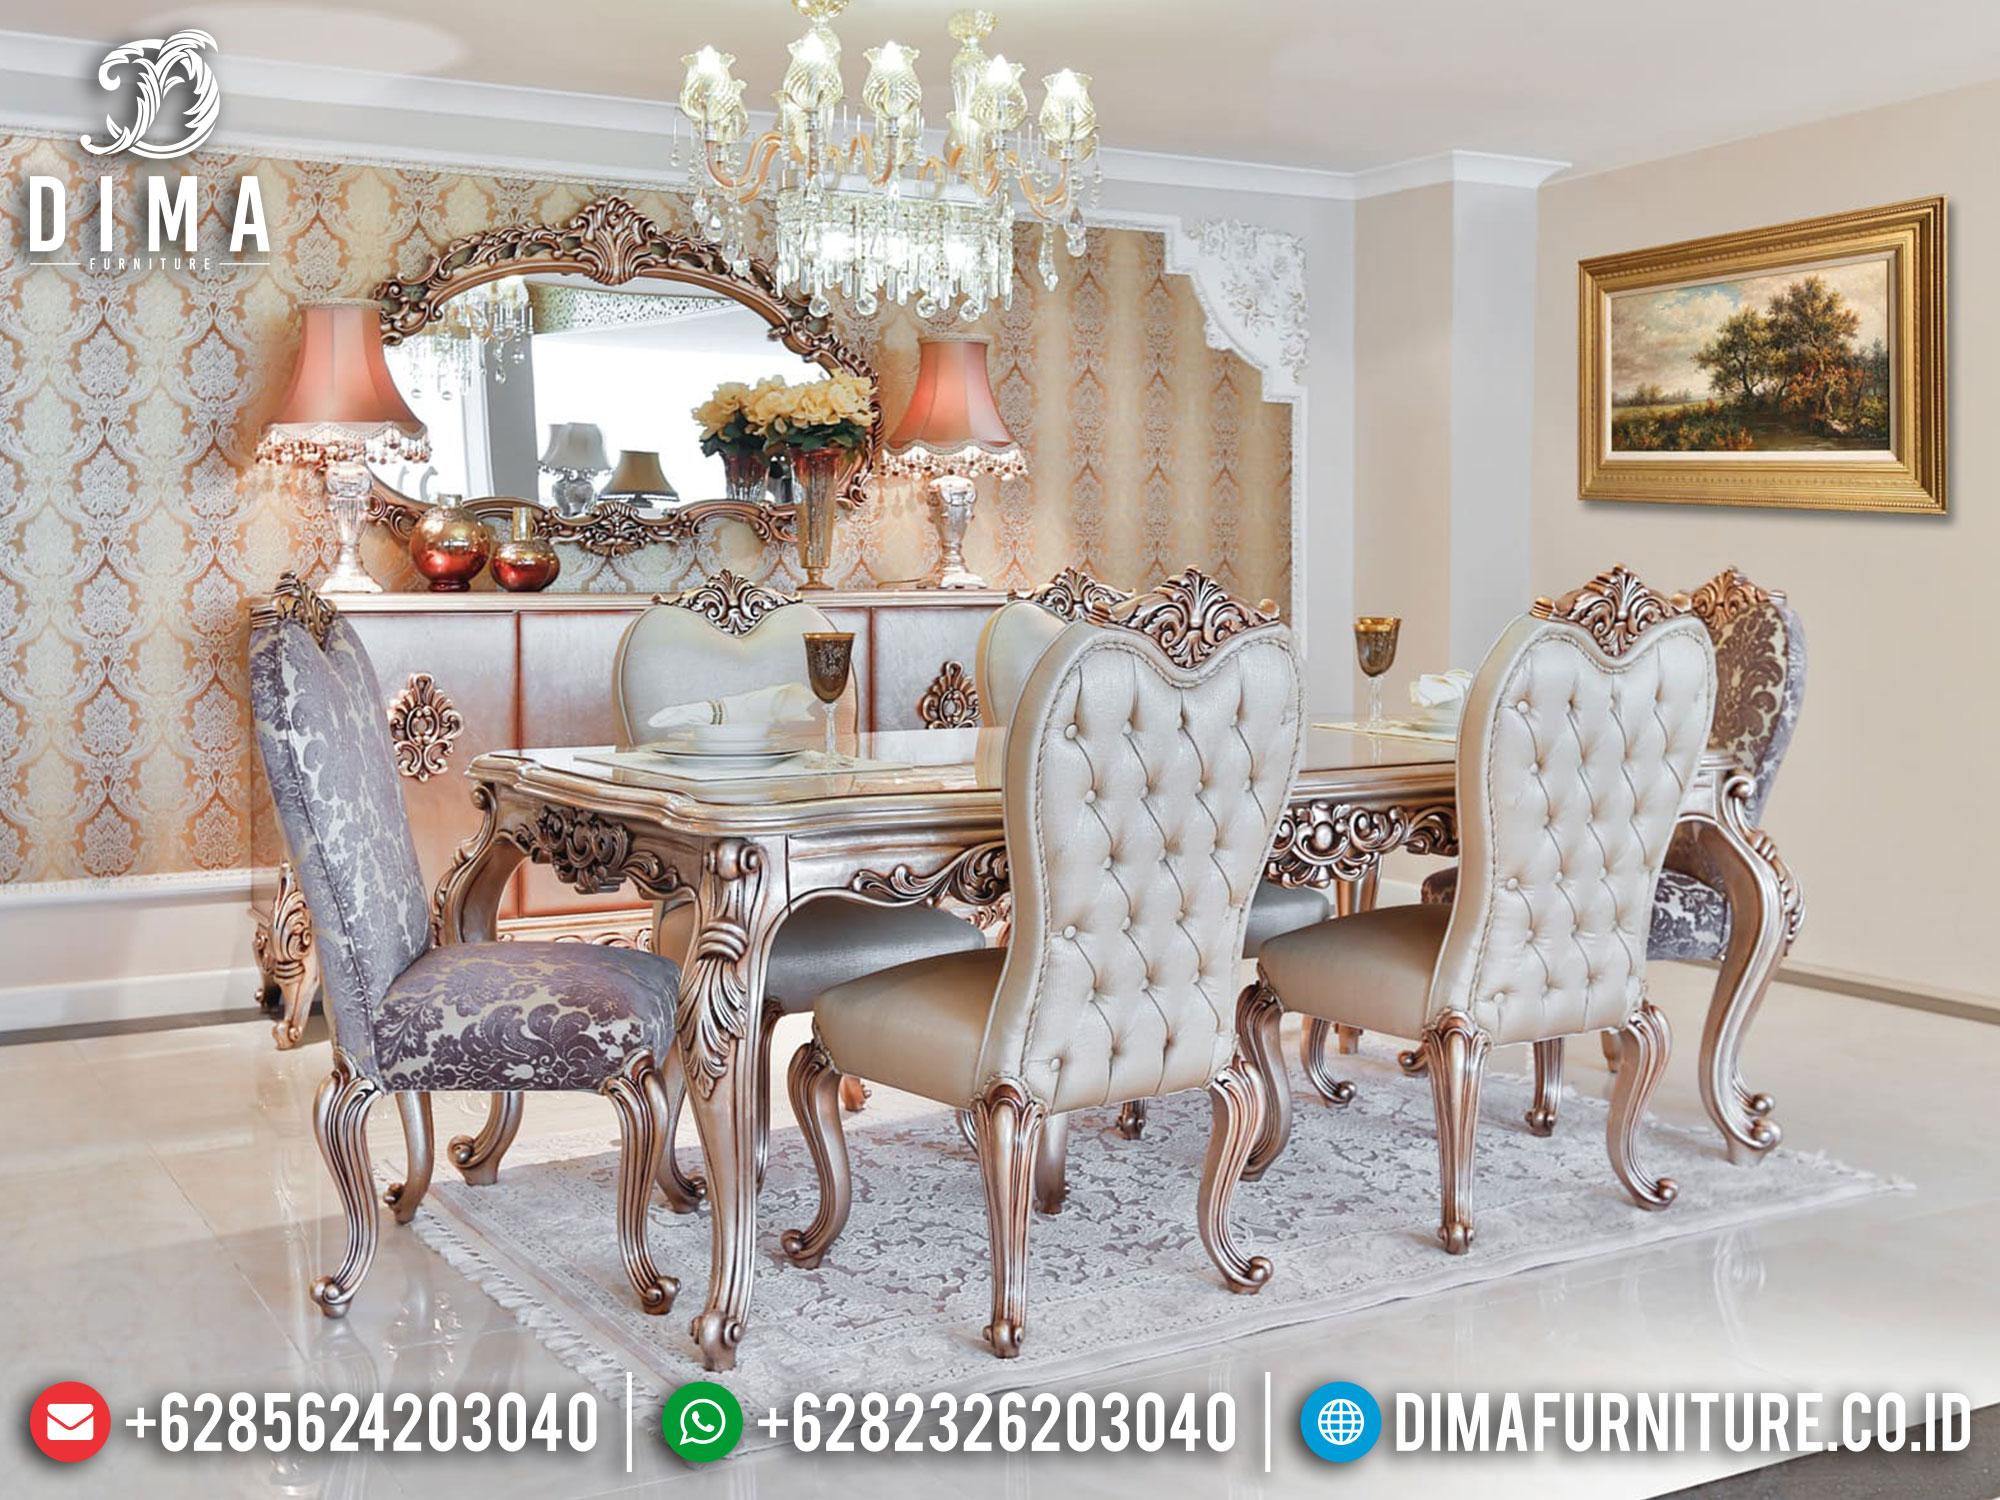 New Model Meja Makan Jepara Luxury Carving Mebel Classic Teristimewa ST-1242